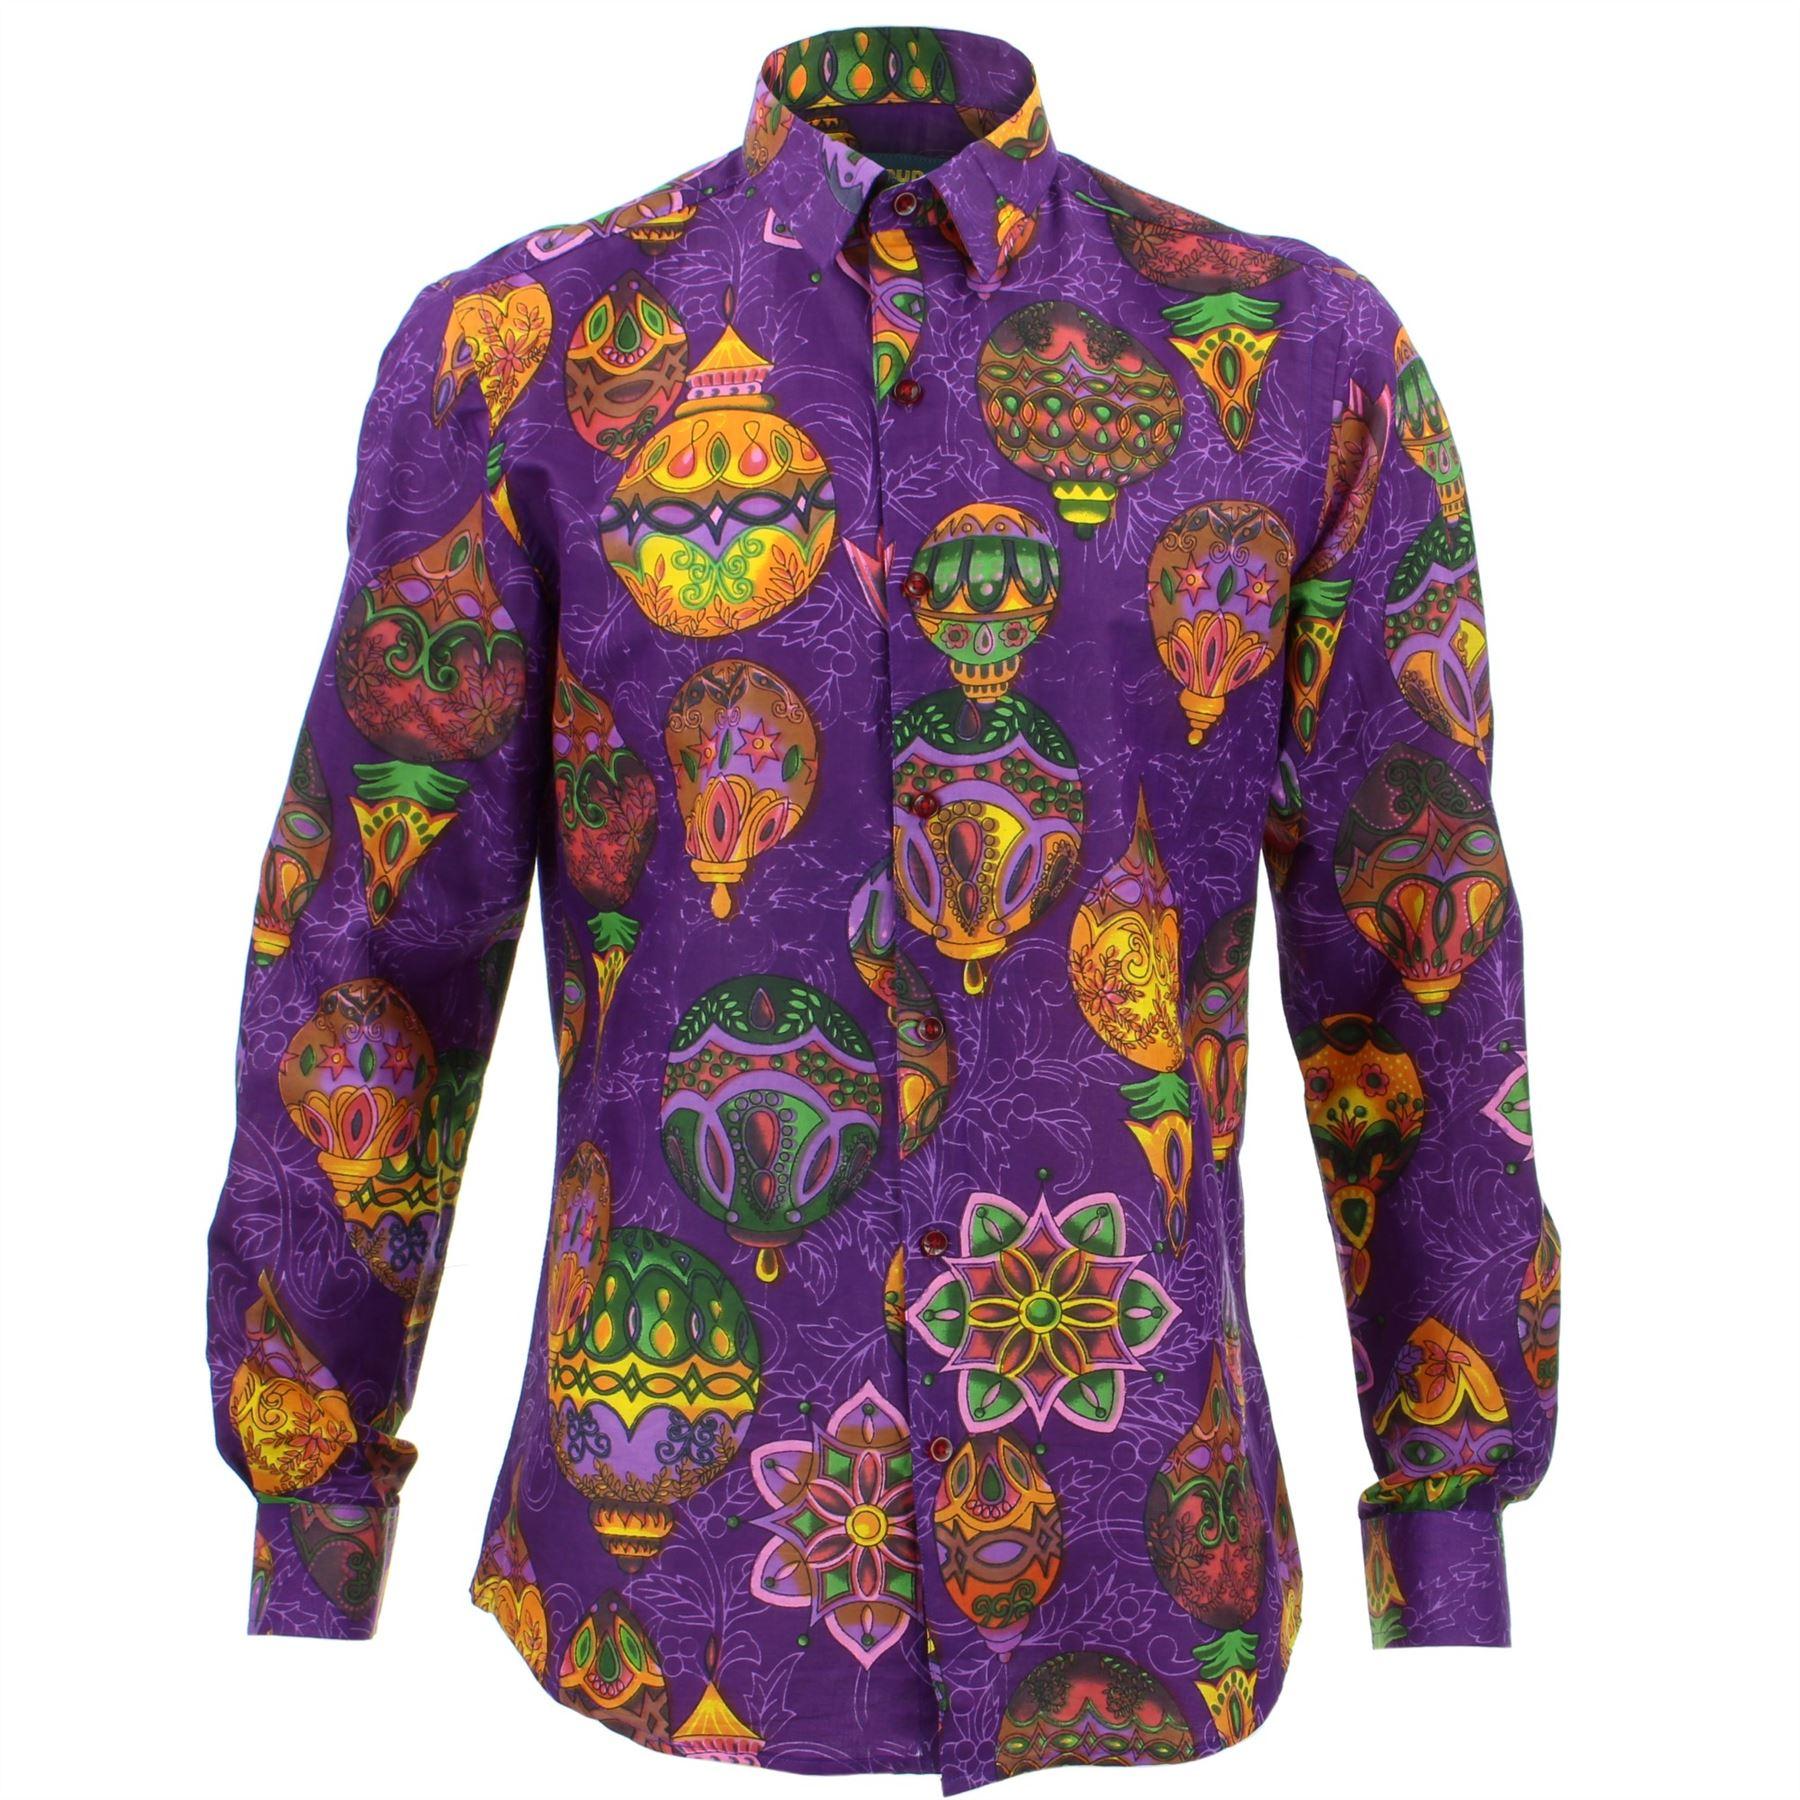 Mens Shirt Loud Originals SLIM FIT Flowers Purple Retro Psychedelic Fancy